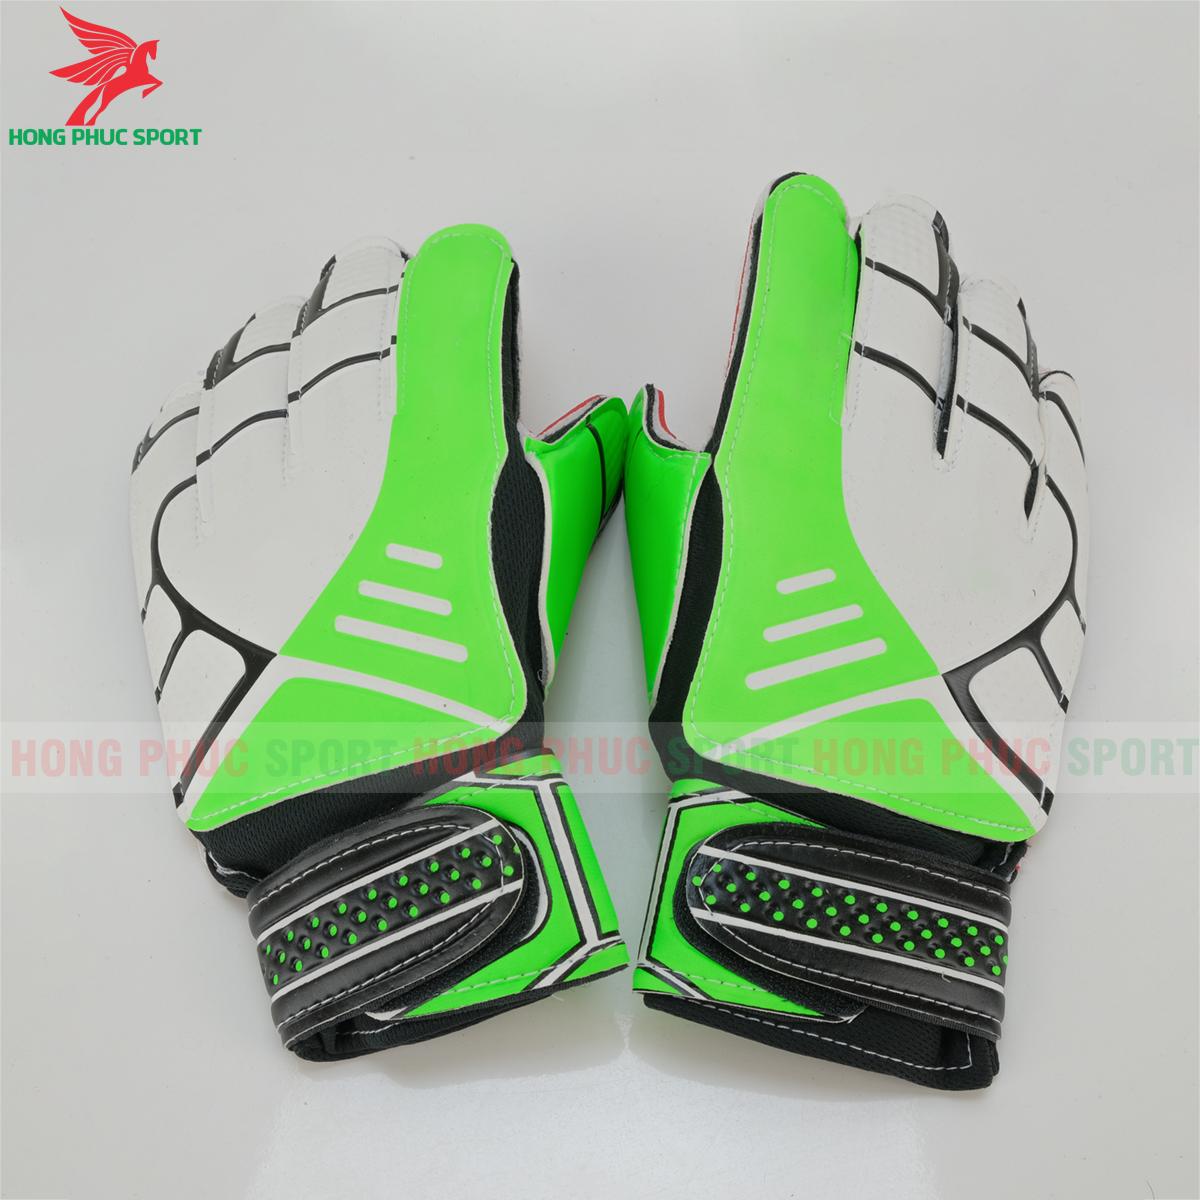 https://cdn.hongphucsport.com/unsafe/s4.shopbay.vn/files/285/gang-tay-thu-mon-adidas-mau-trang-xanh-5f7c2a7361f53.png